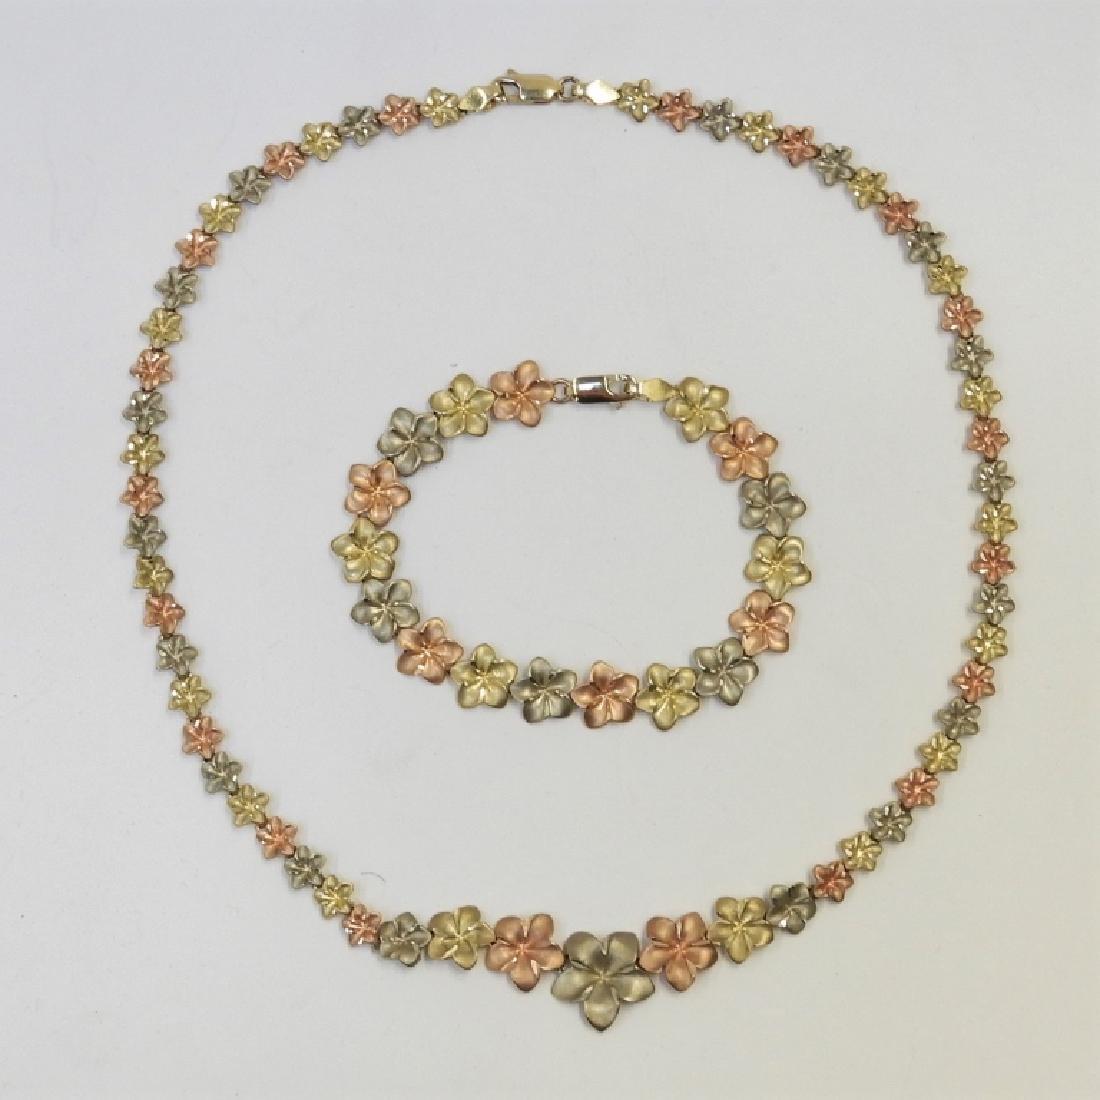 10K Tri Color Gold Leaf Chain Necklace Bracelet